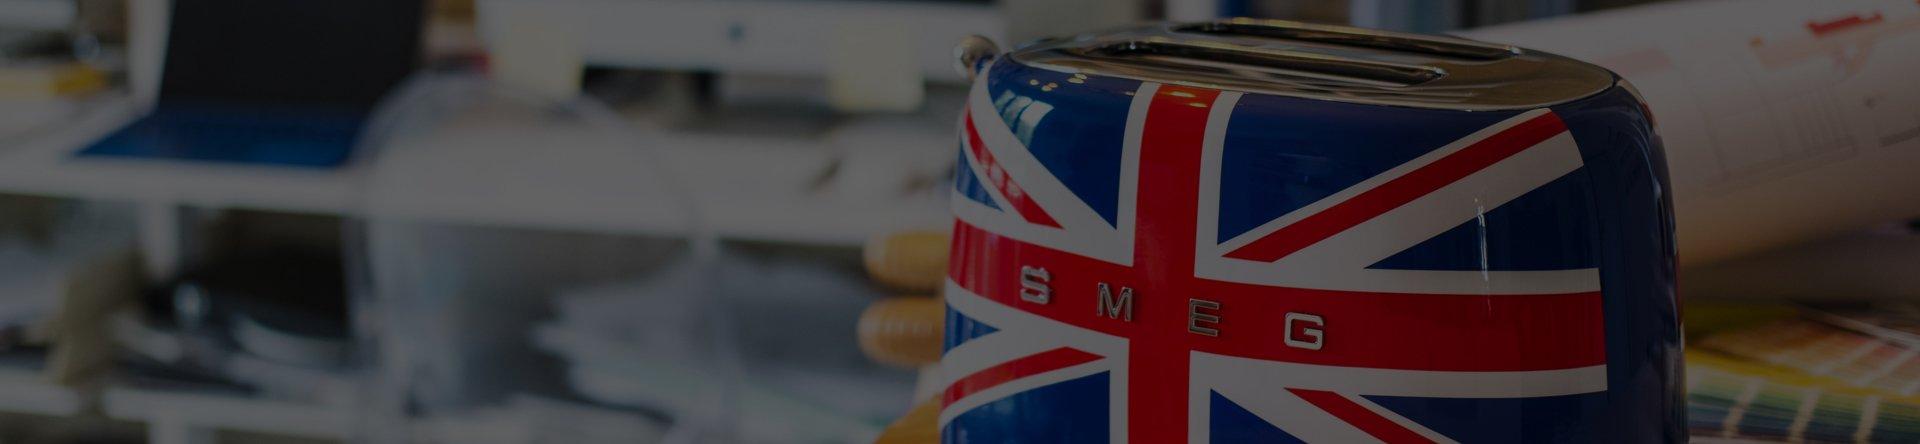 Colección Union Jack | Tienda oficial Smeg